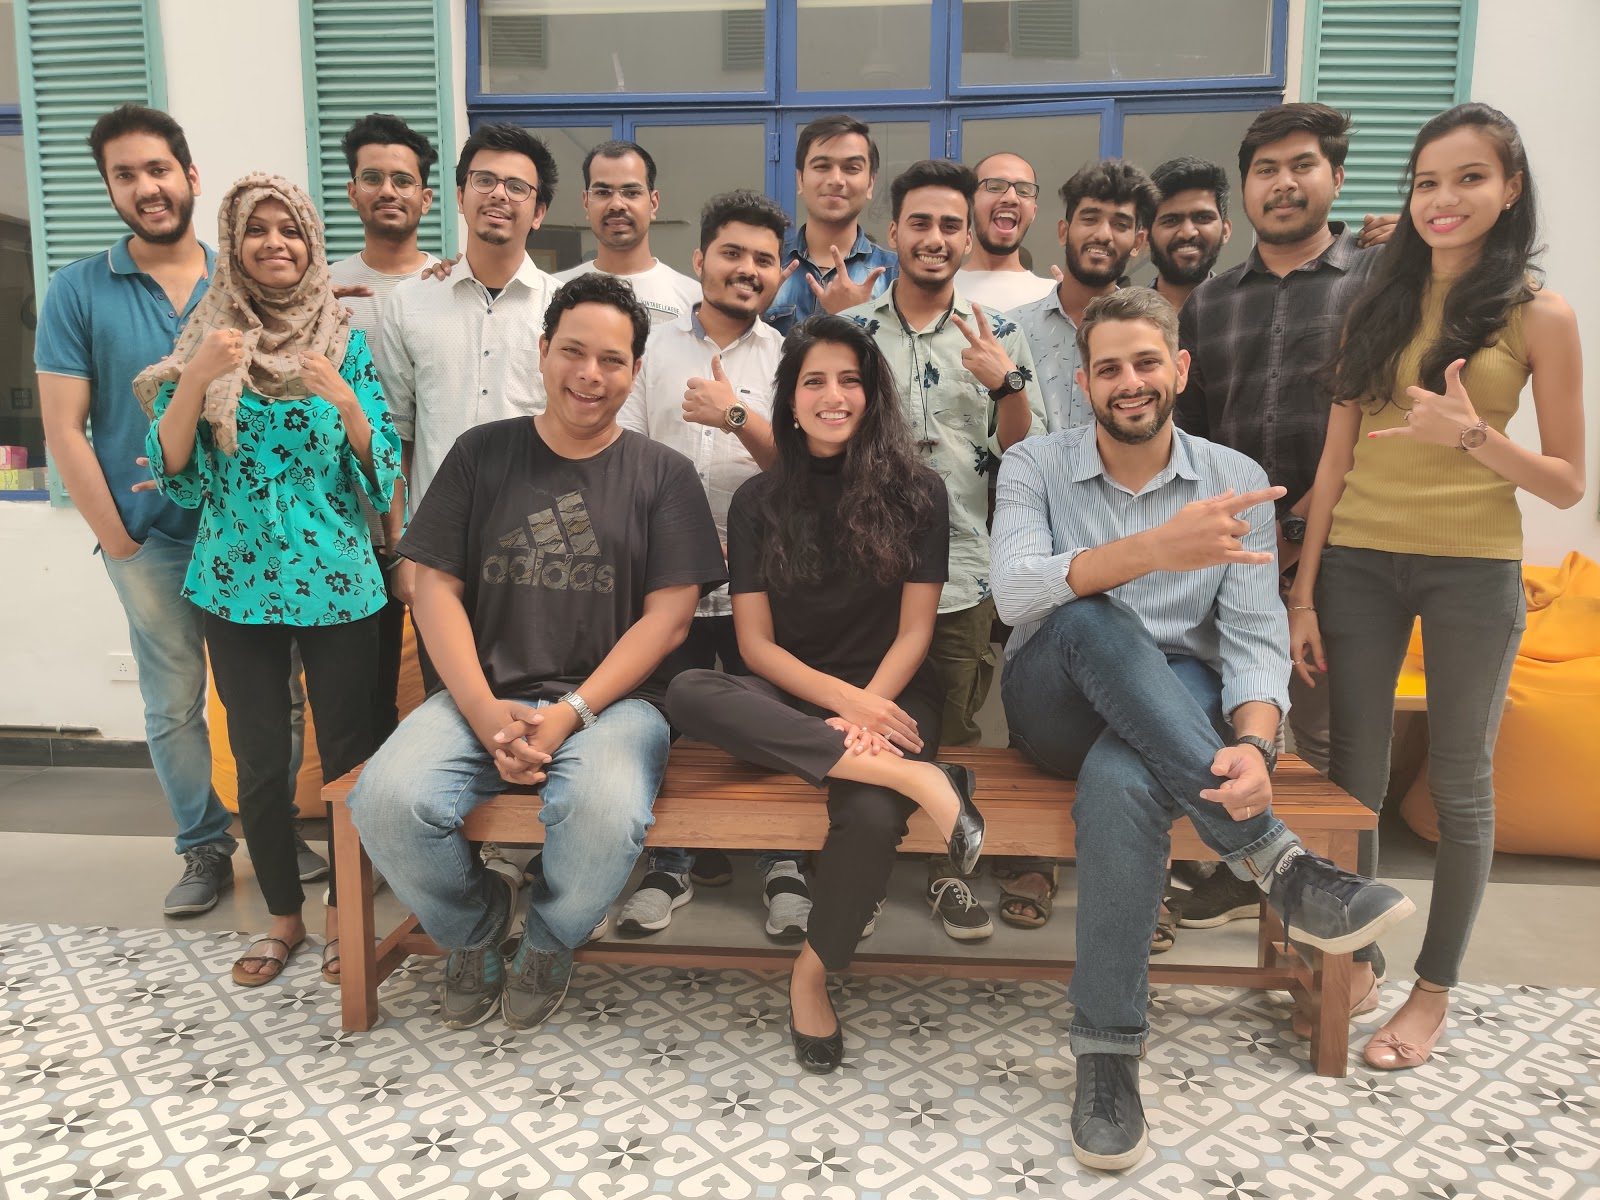 mPaani group image